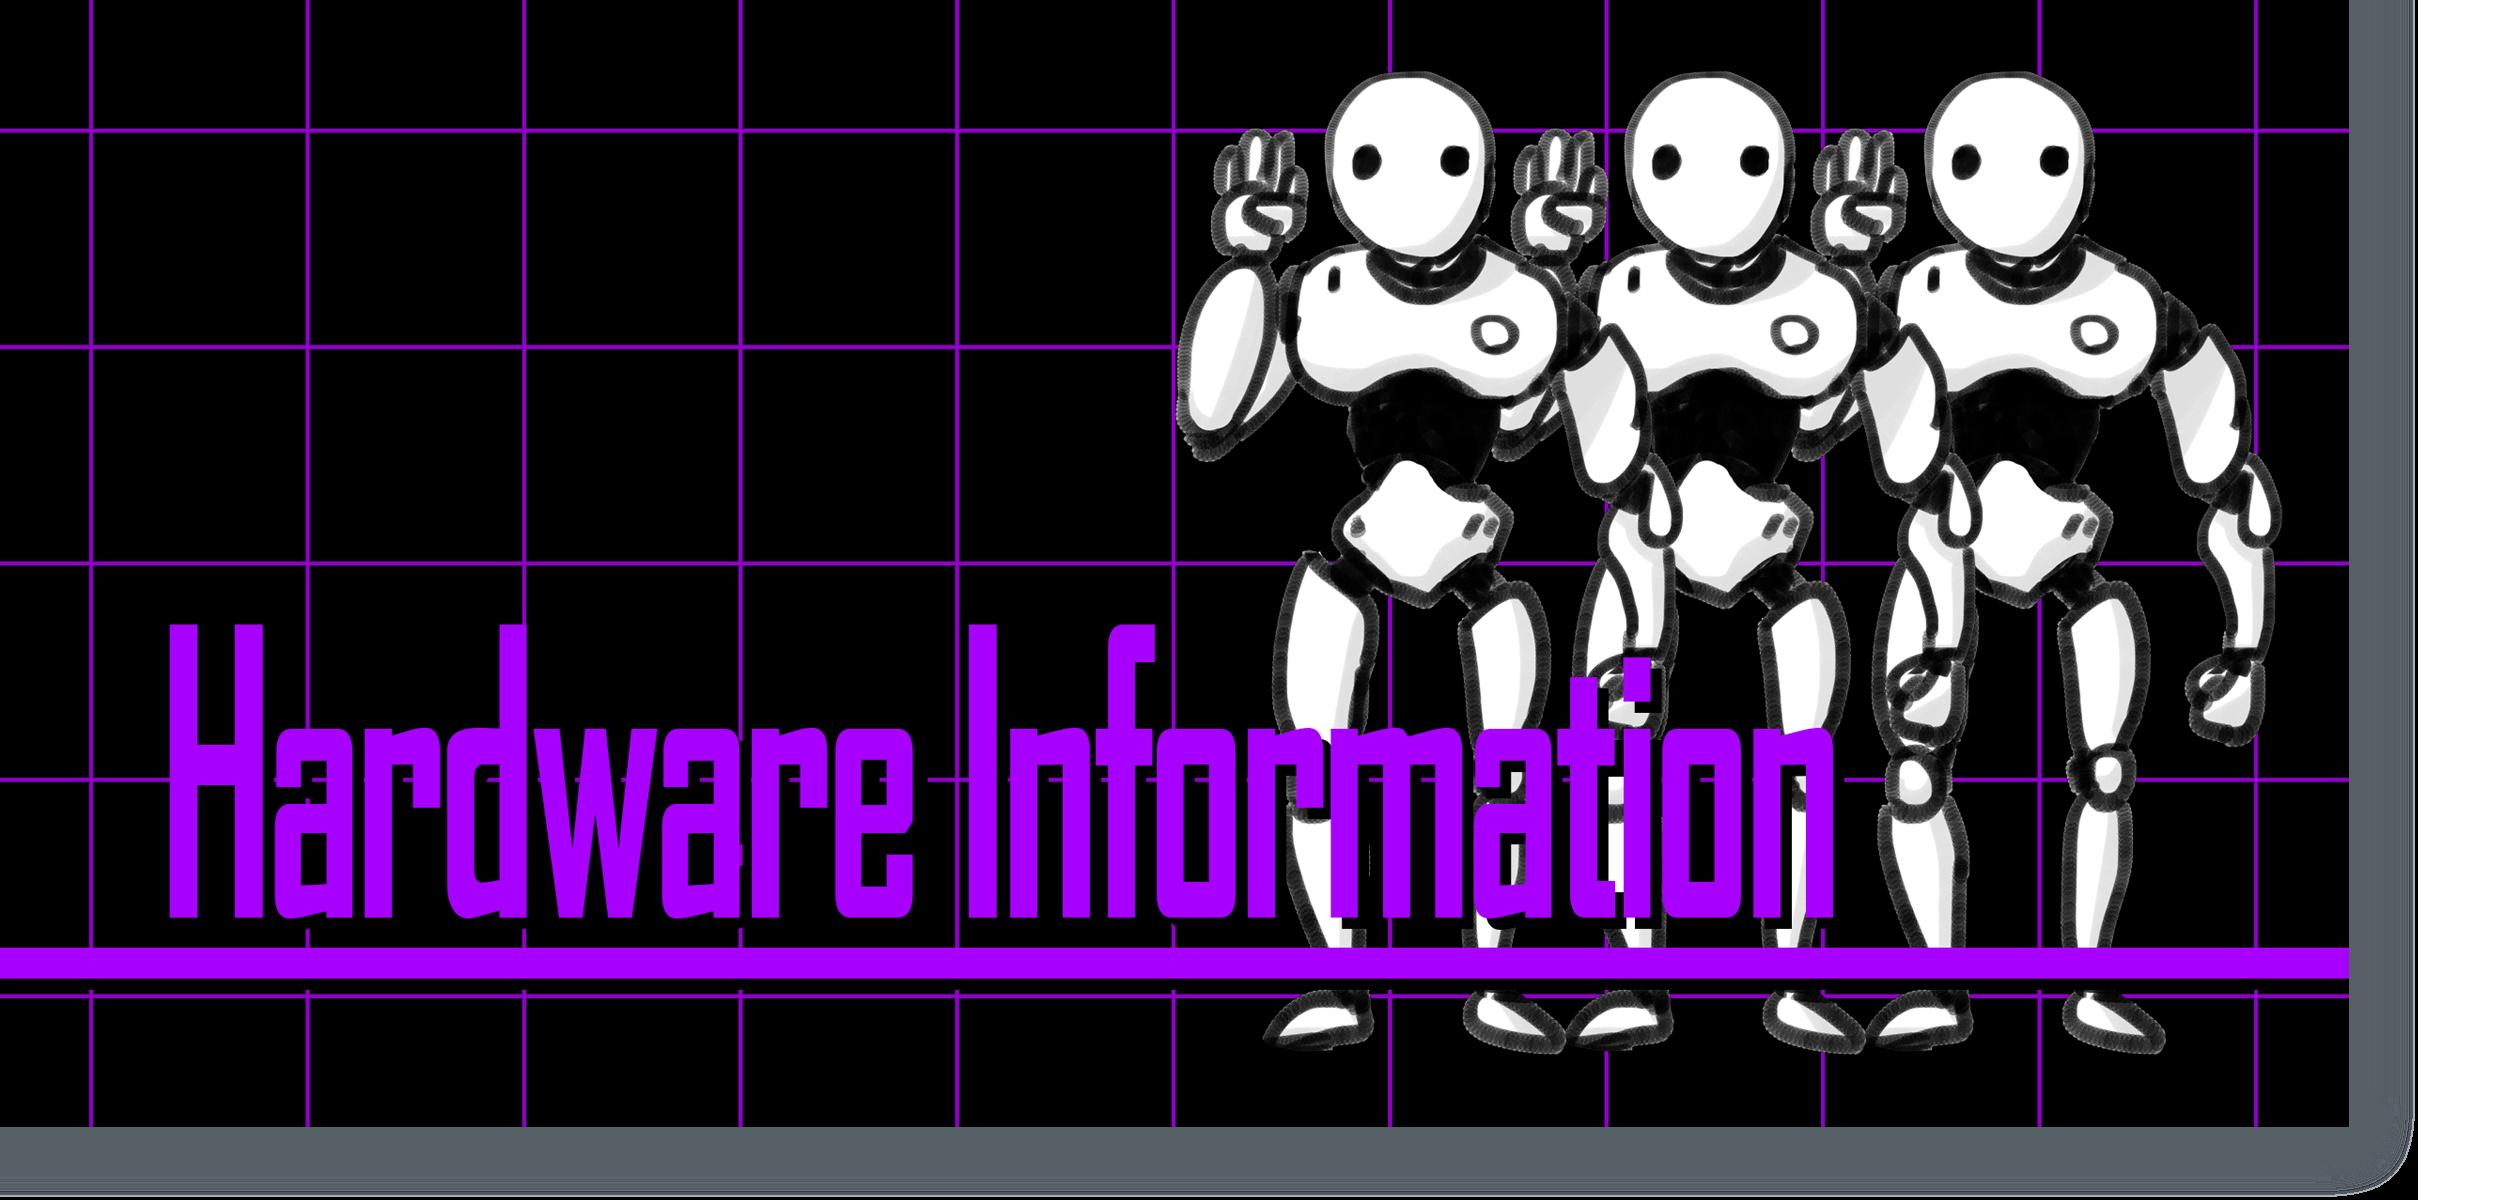 blogside_Hardware-Information